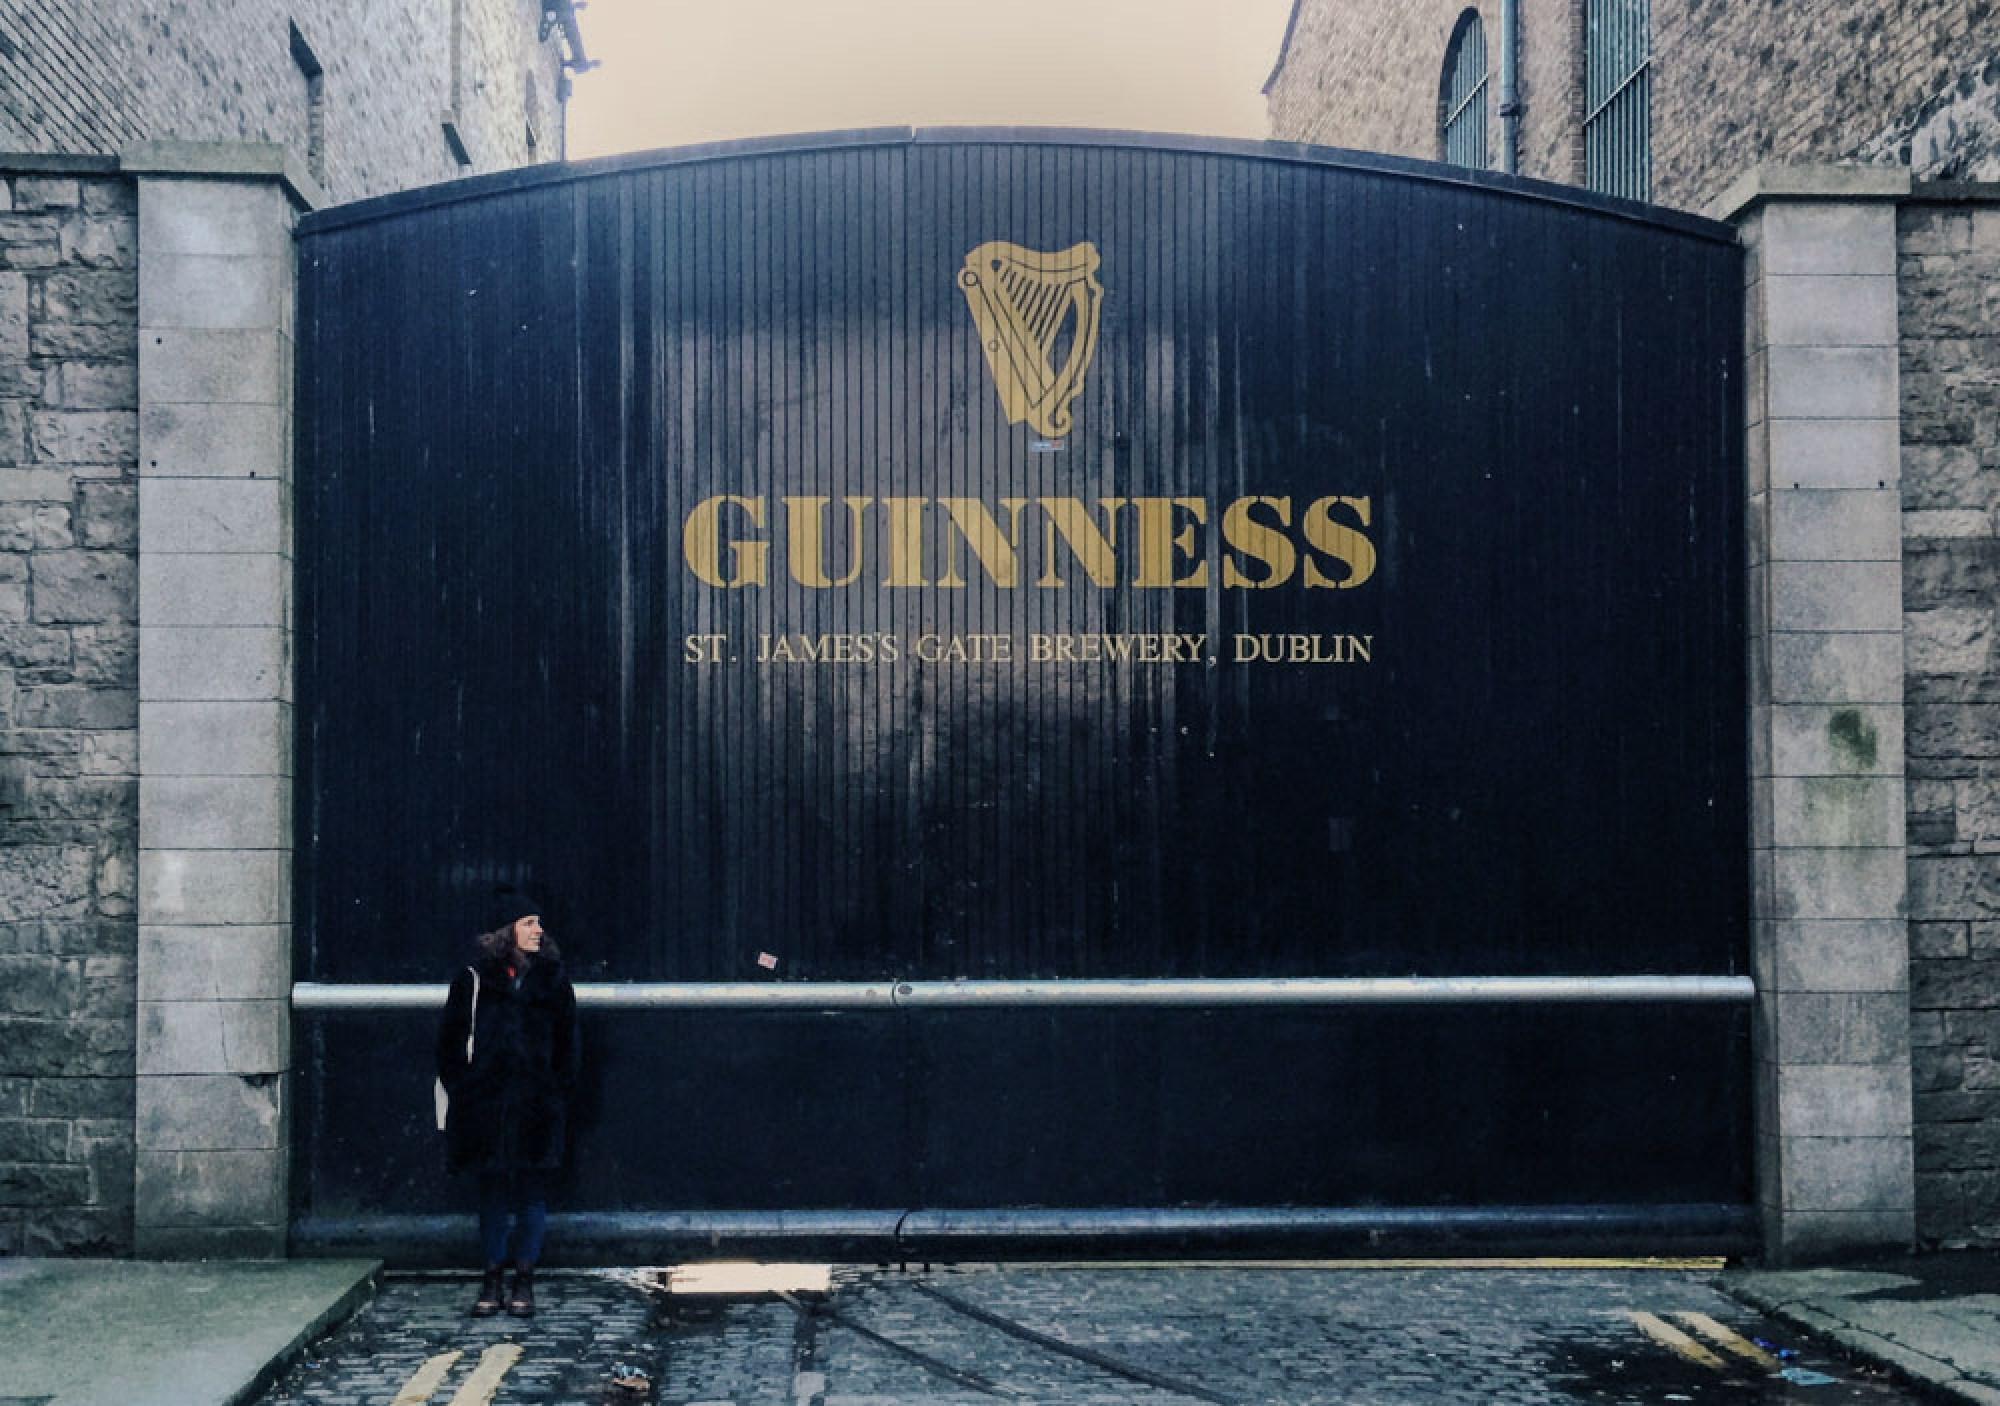 Things to do in Dublin: Guinness Storehouse